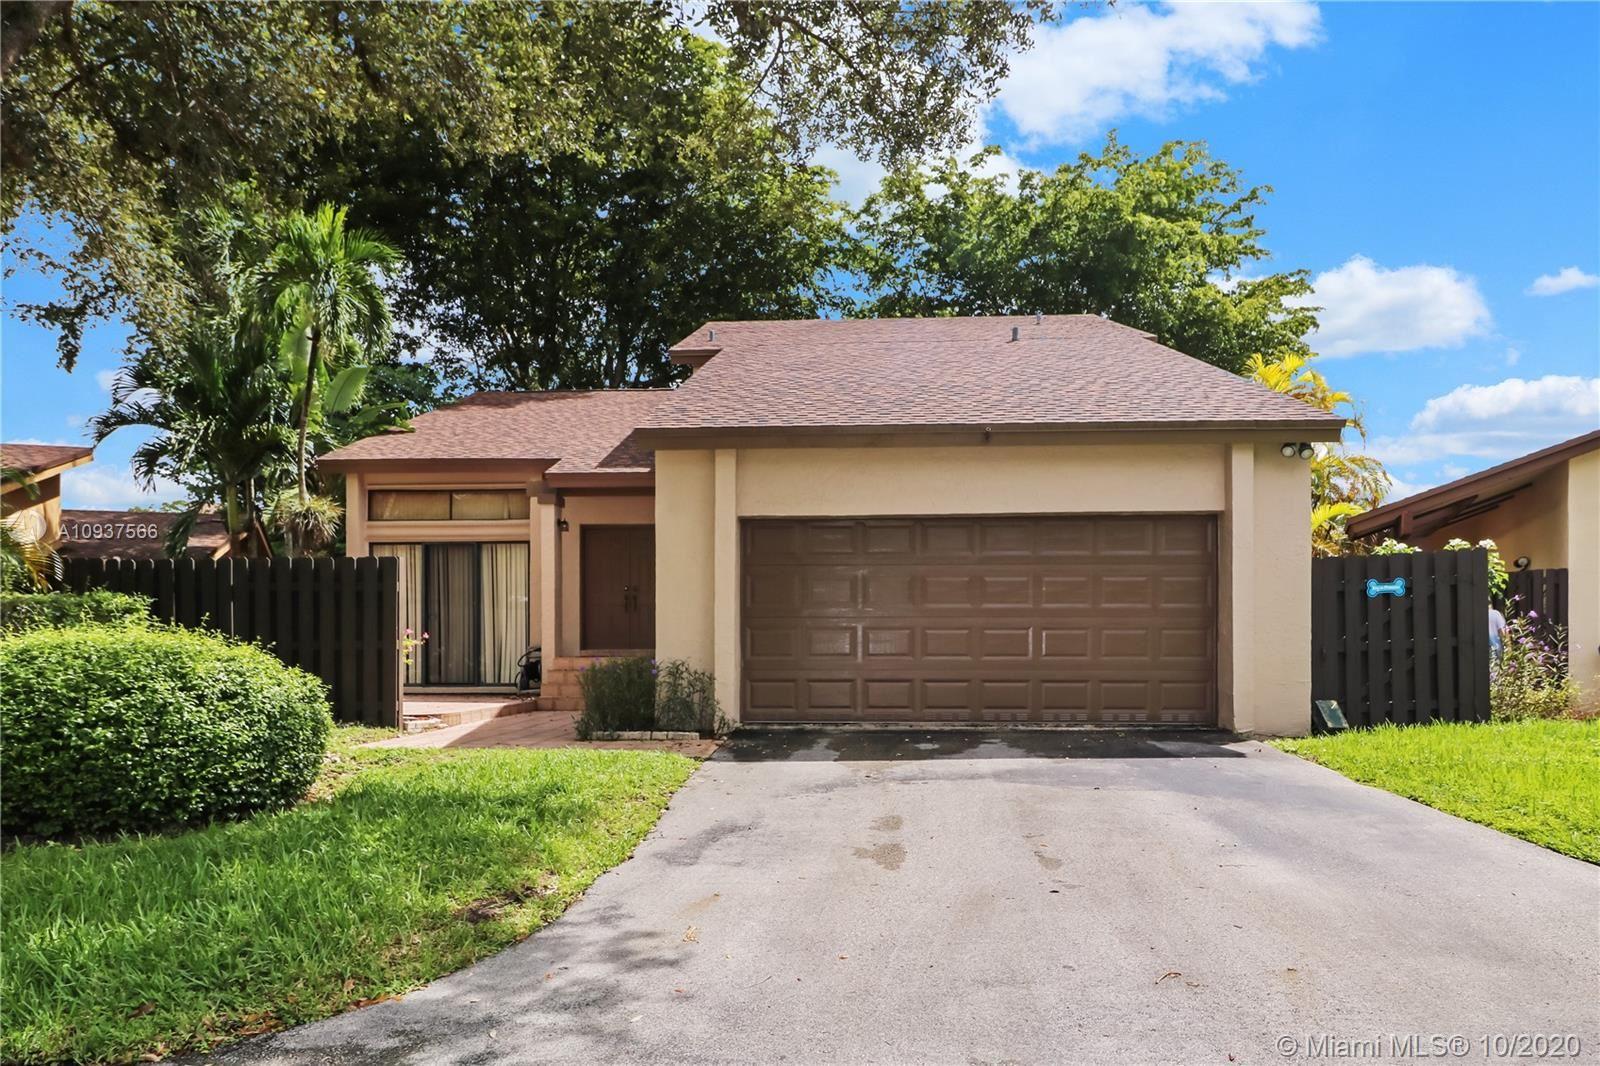 10919 SW 134th Ct, Miami, FL 33186 - #: A10937566